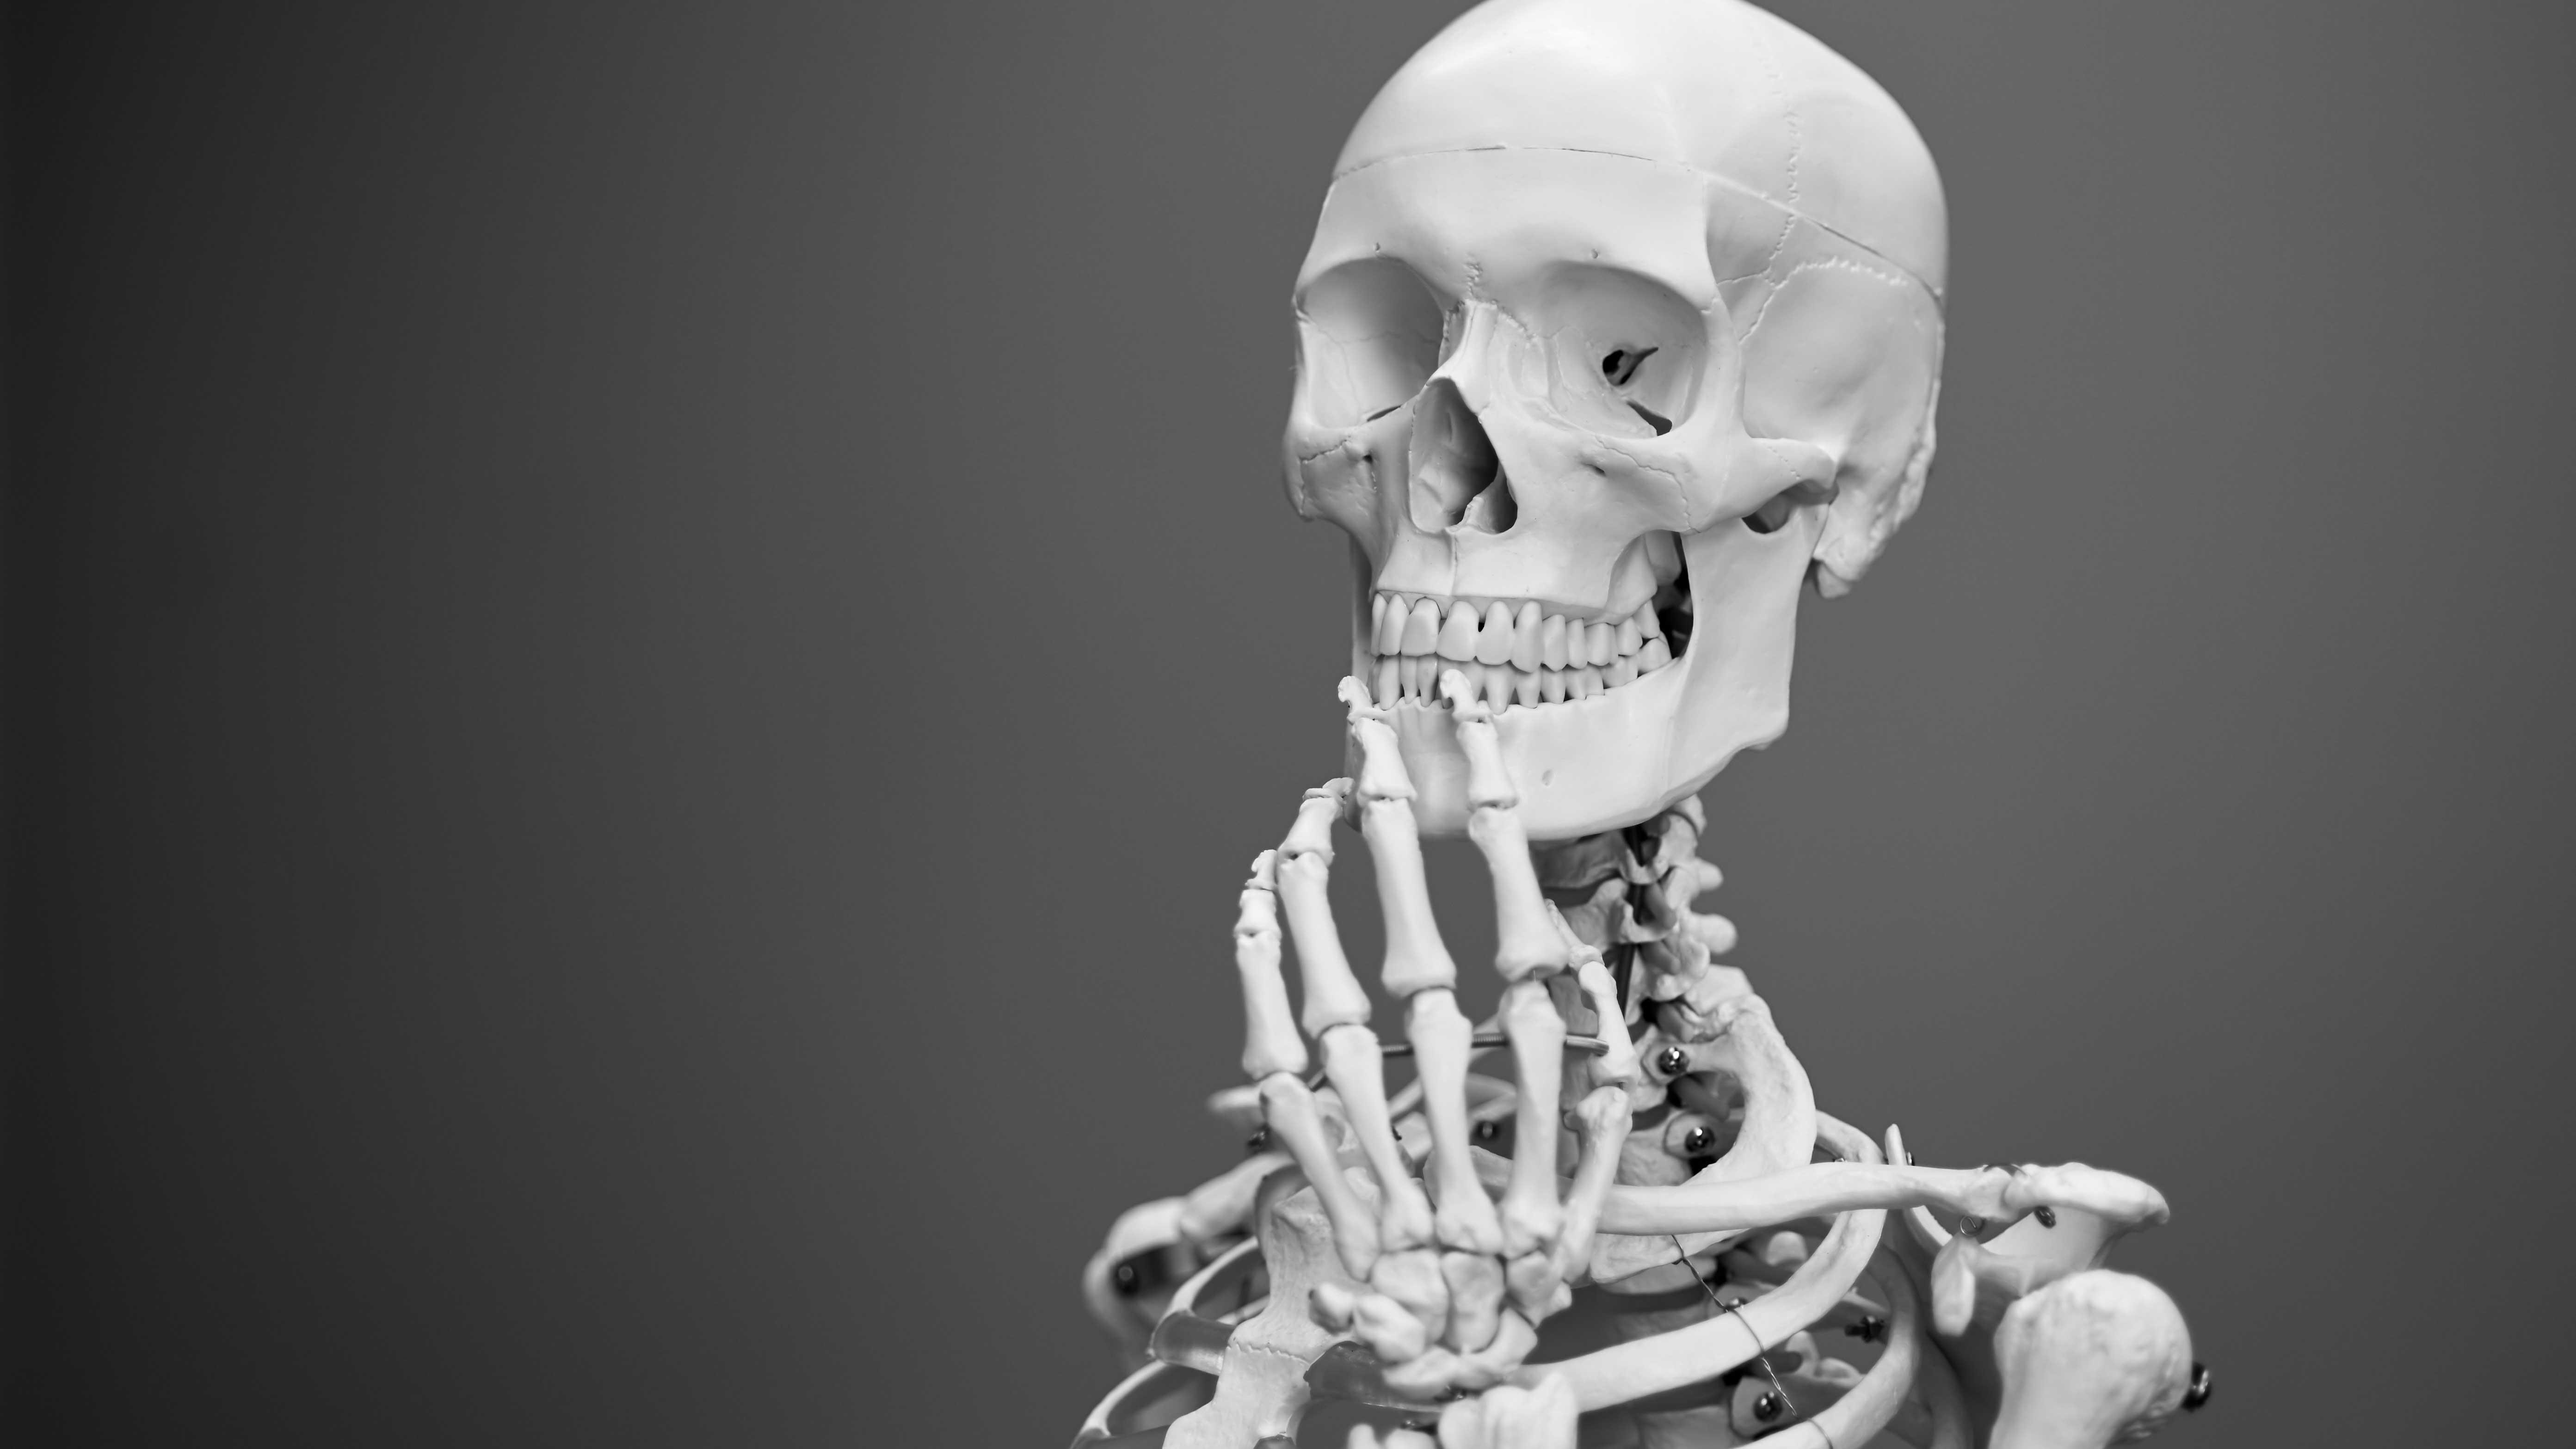 Entenda Como a Mente Funciona em 3 Passos - Esqueleto com a mão no queixo como se estivesse refletindo.